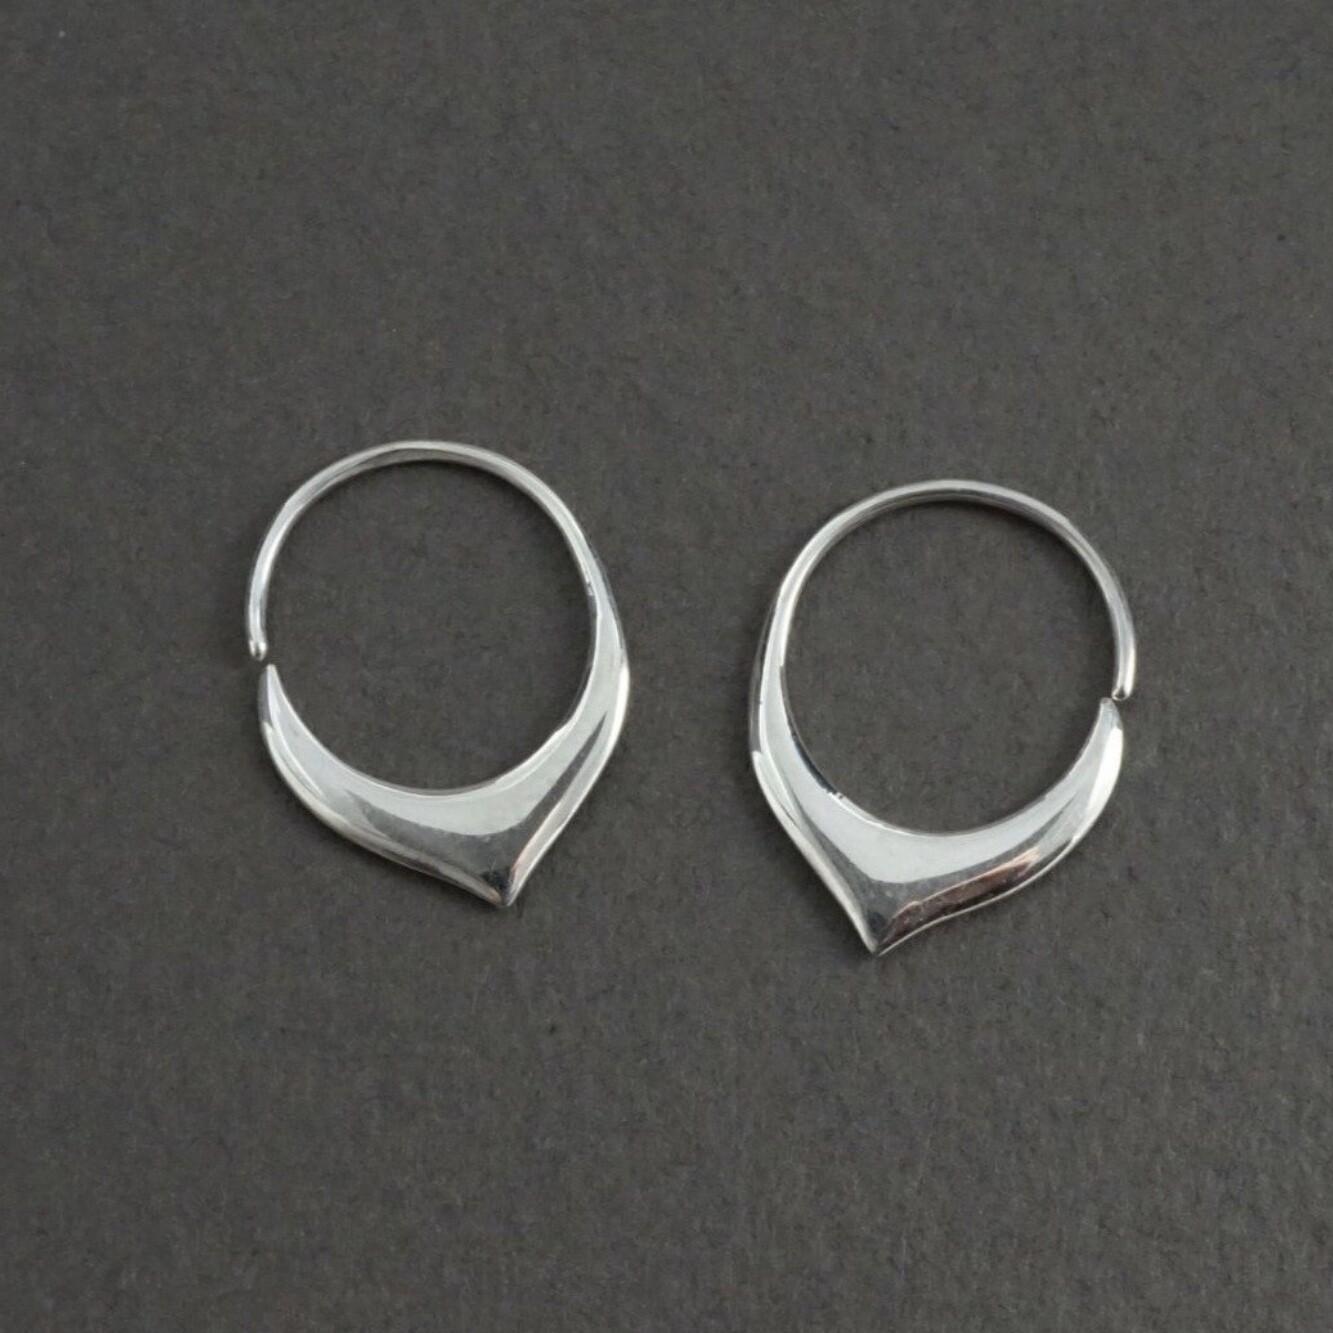 Little Petal Sleeper Hoops in Sterling Silver - IBE240